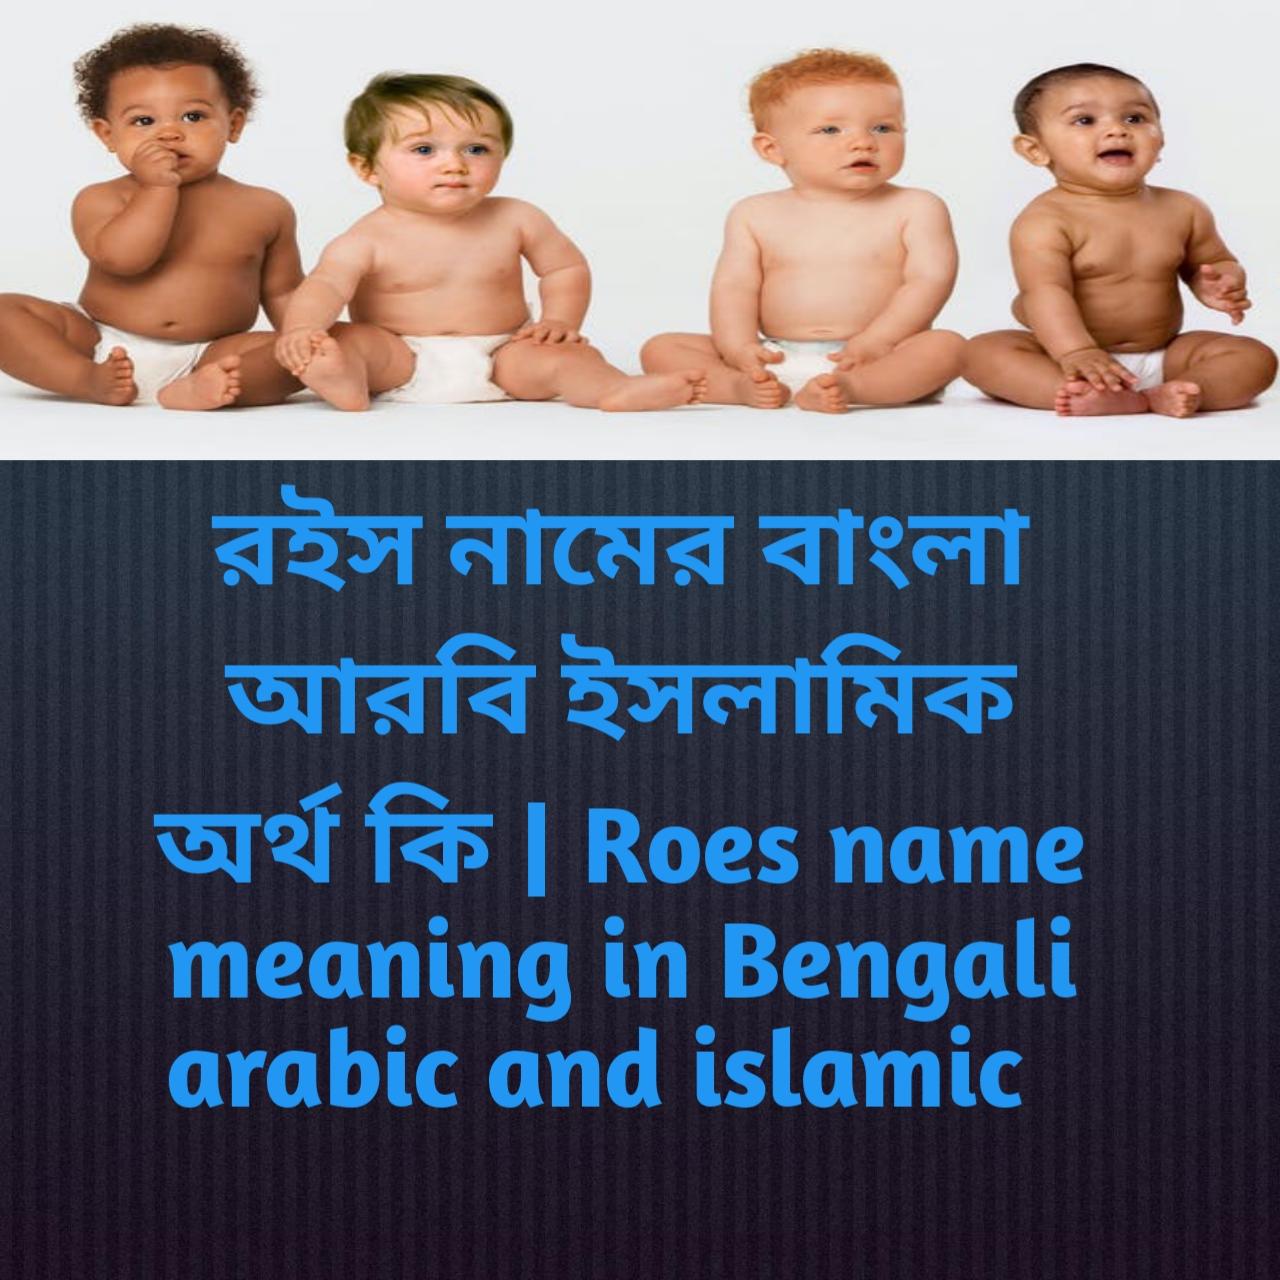 রইস নামের অর্থ কি, রইস নামের বাংলা অর্থ কি, রইস নামের ইসলামিক অর্থ কি, Roes name meaning in Bengali, রইস কি ইসলামিক নাম,